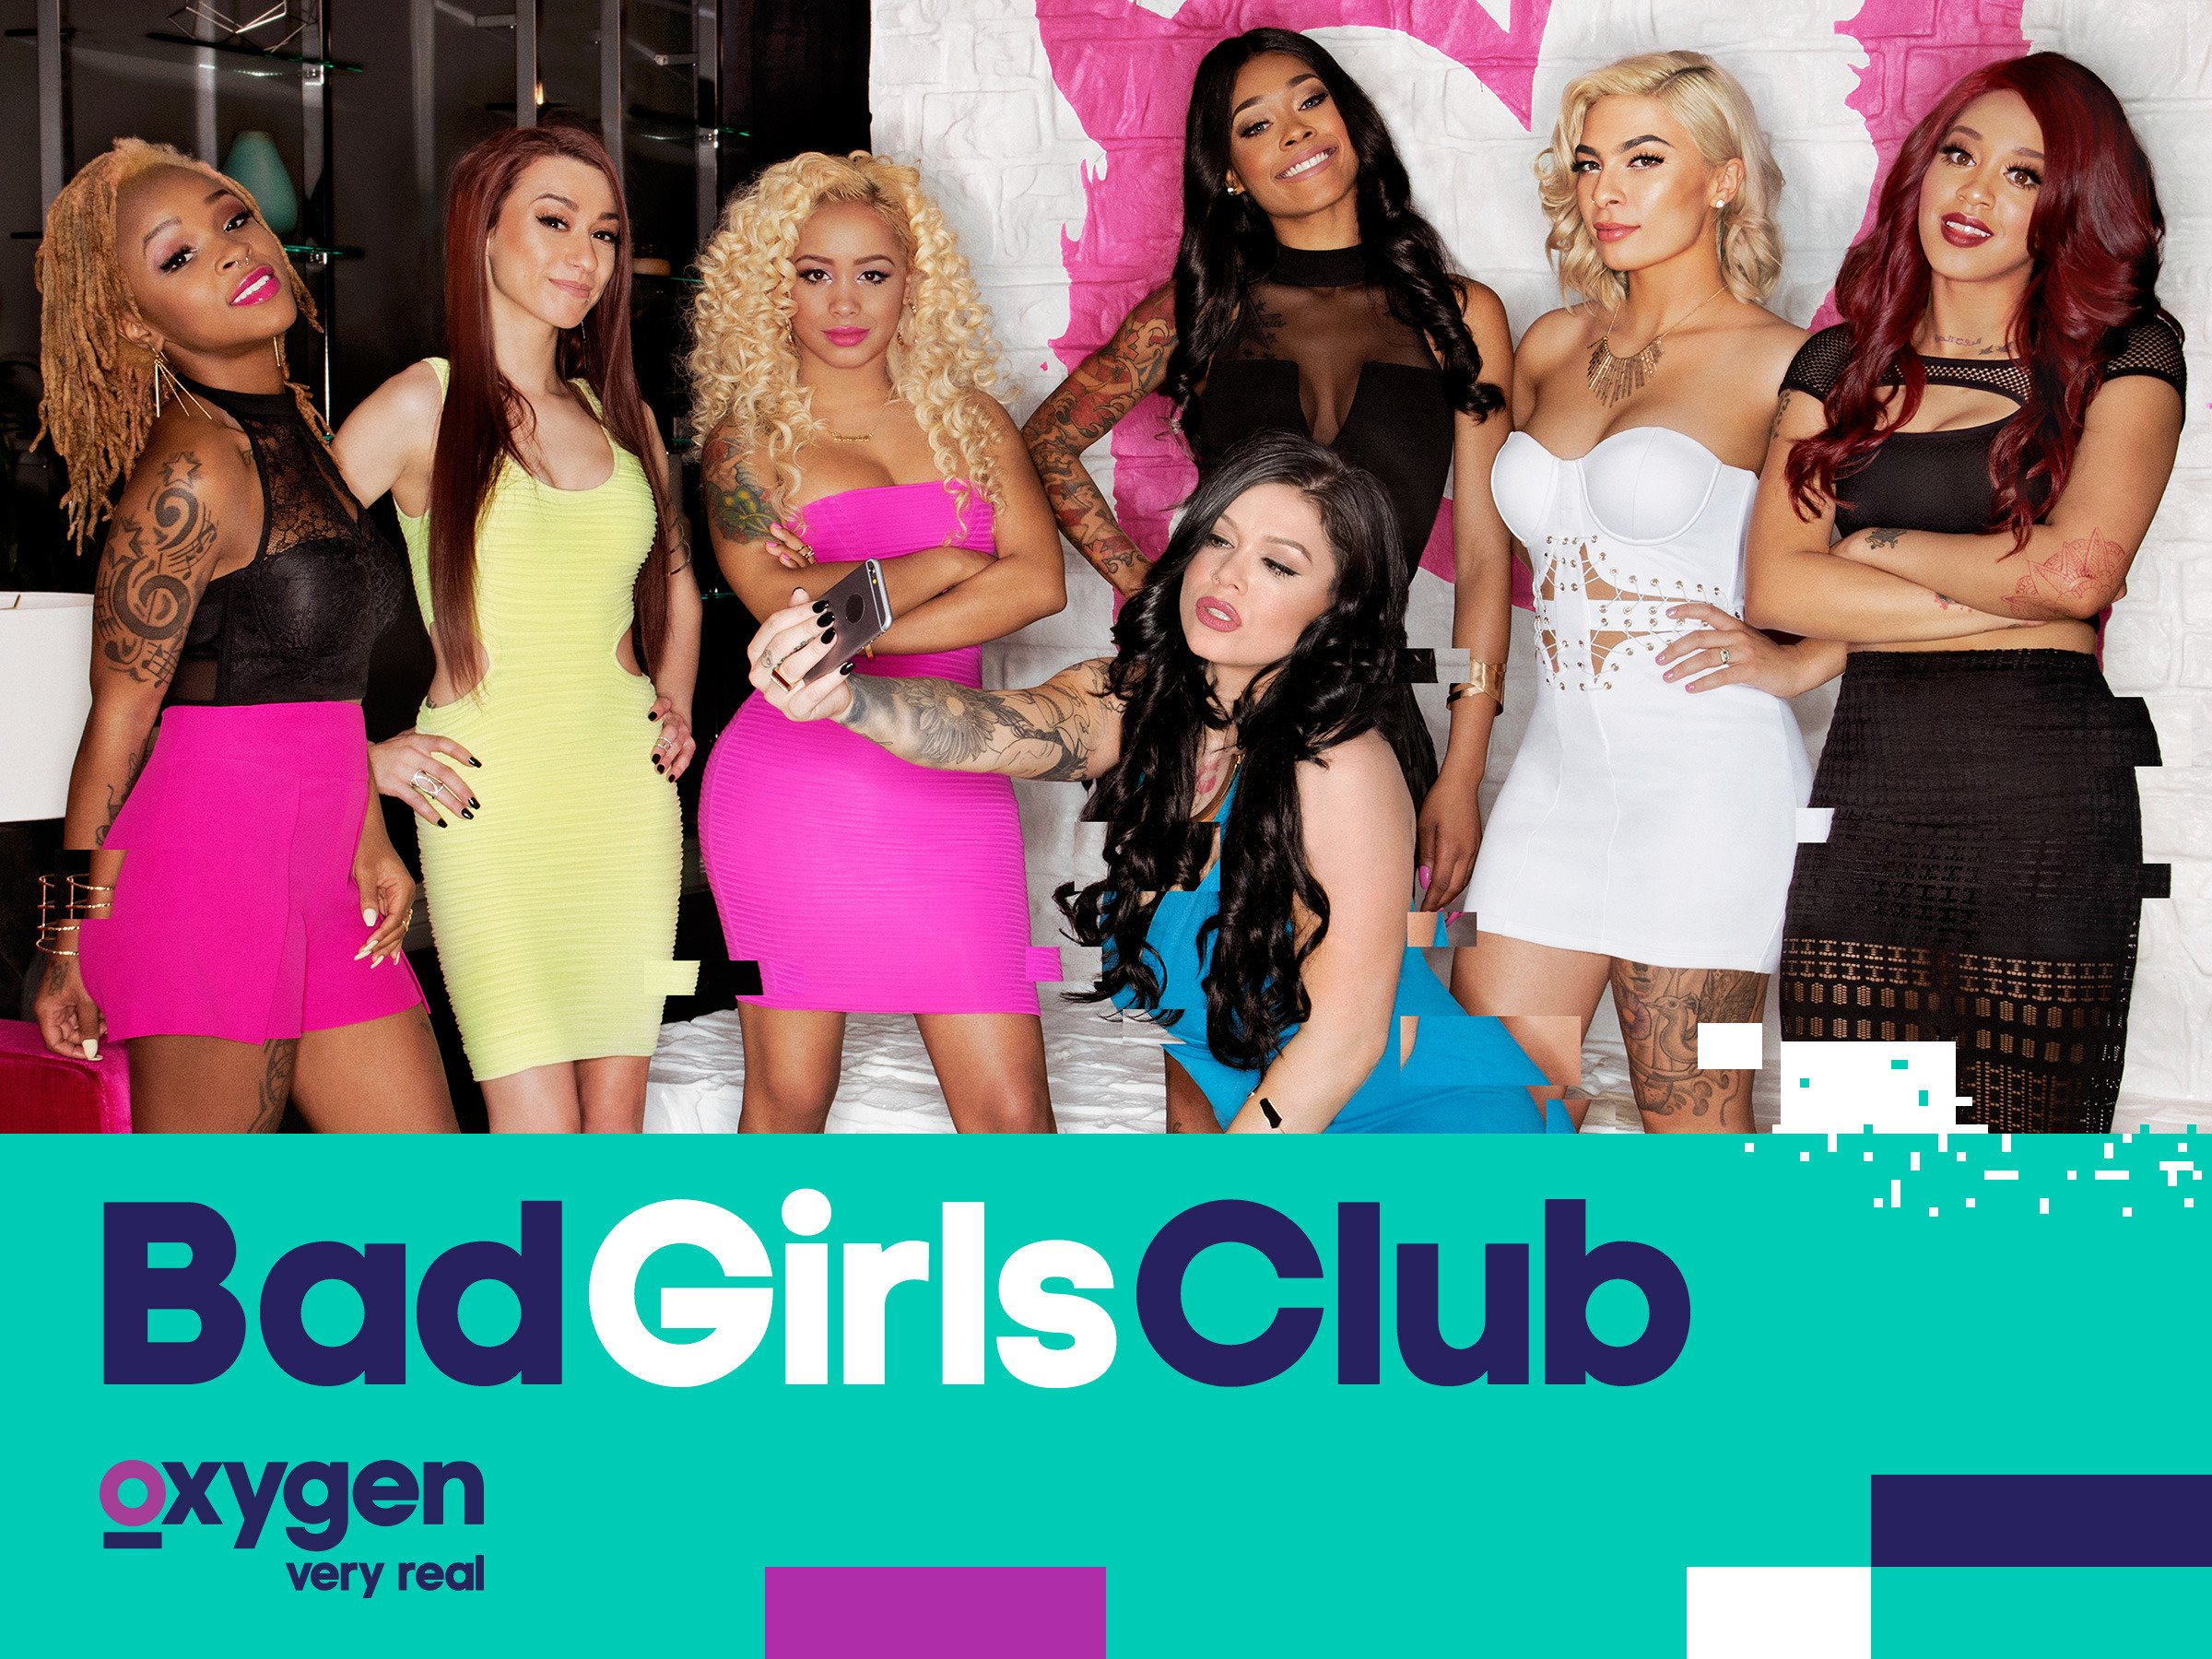 bad-girls-club-free-pics